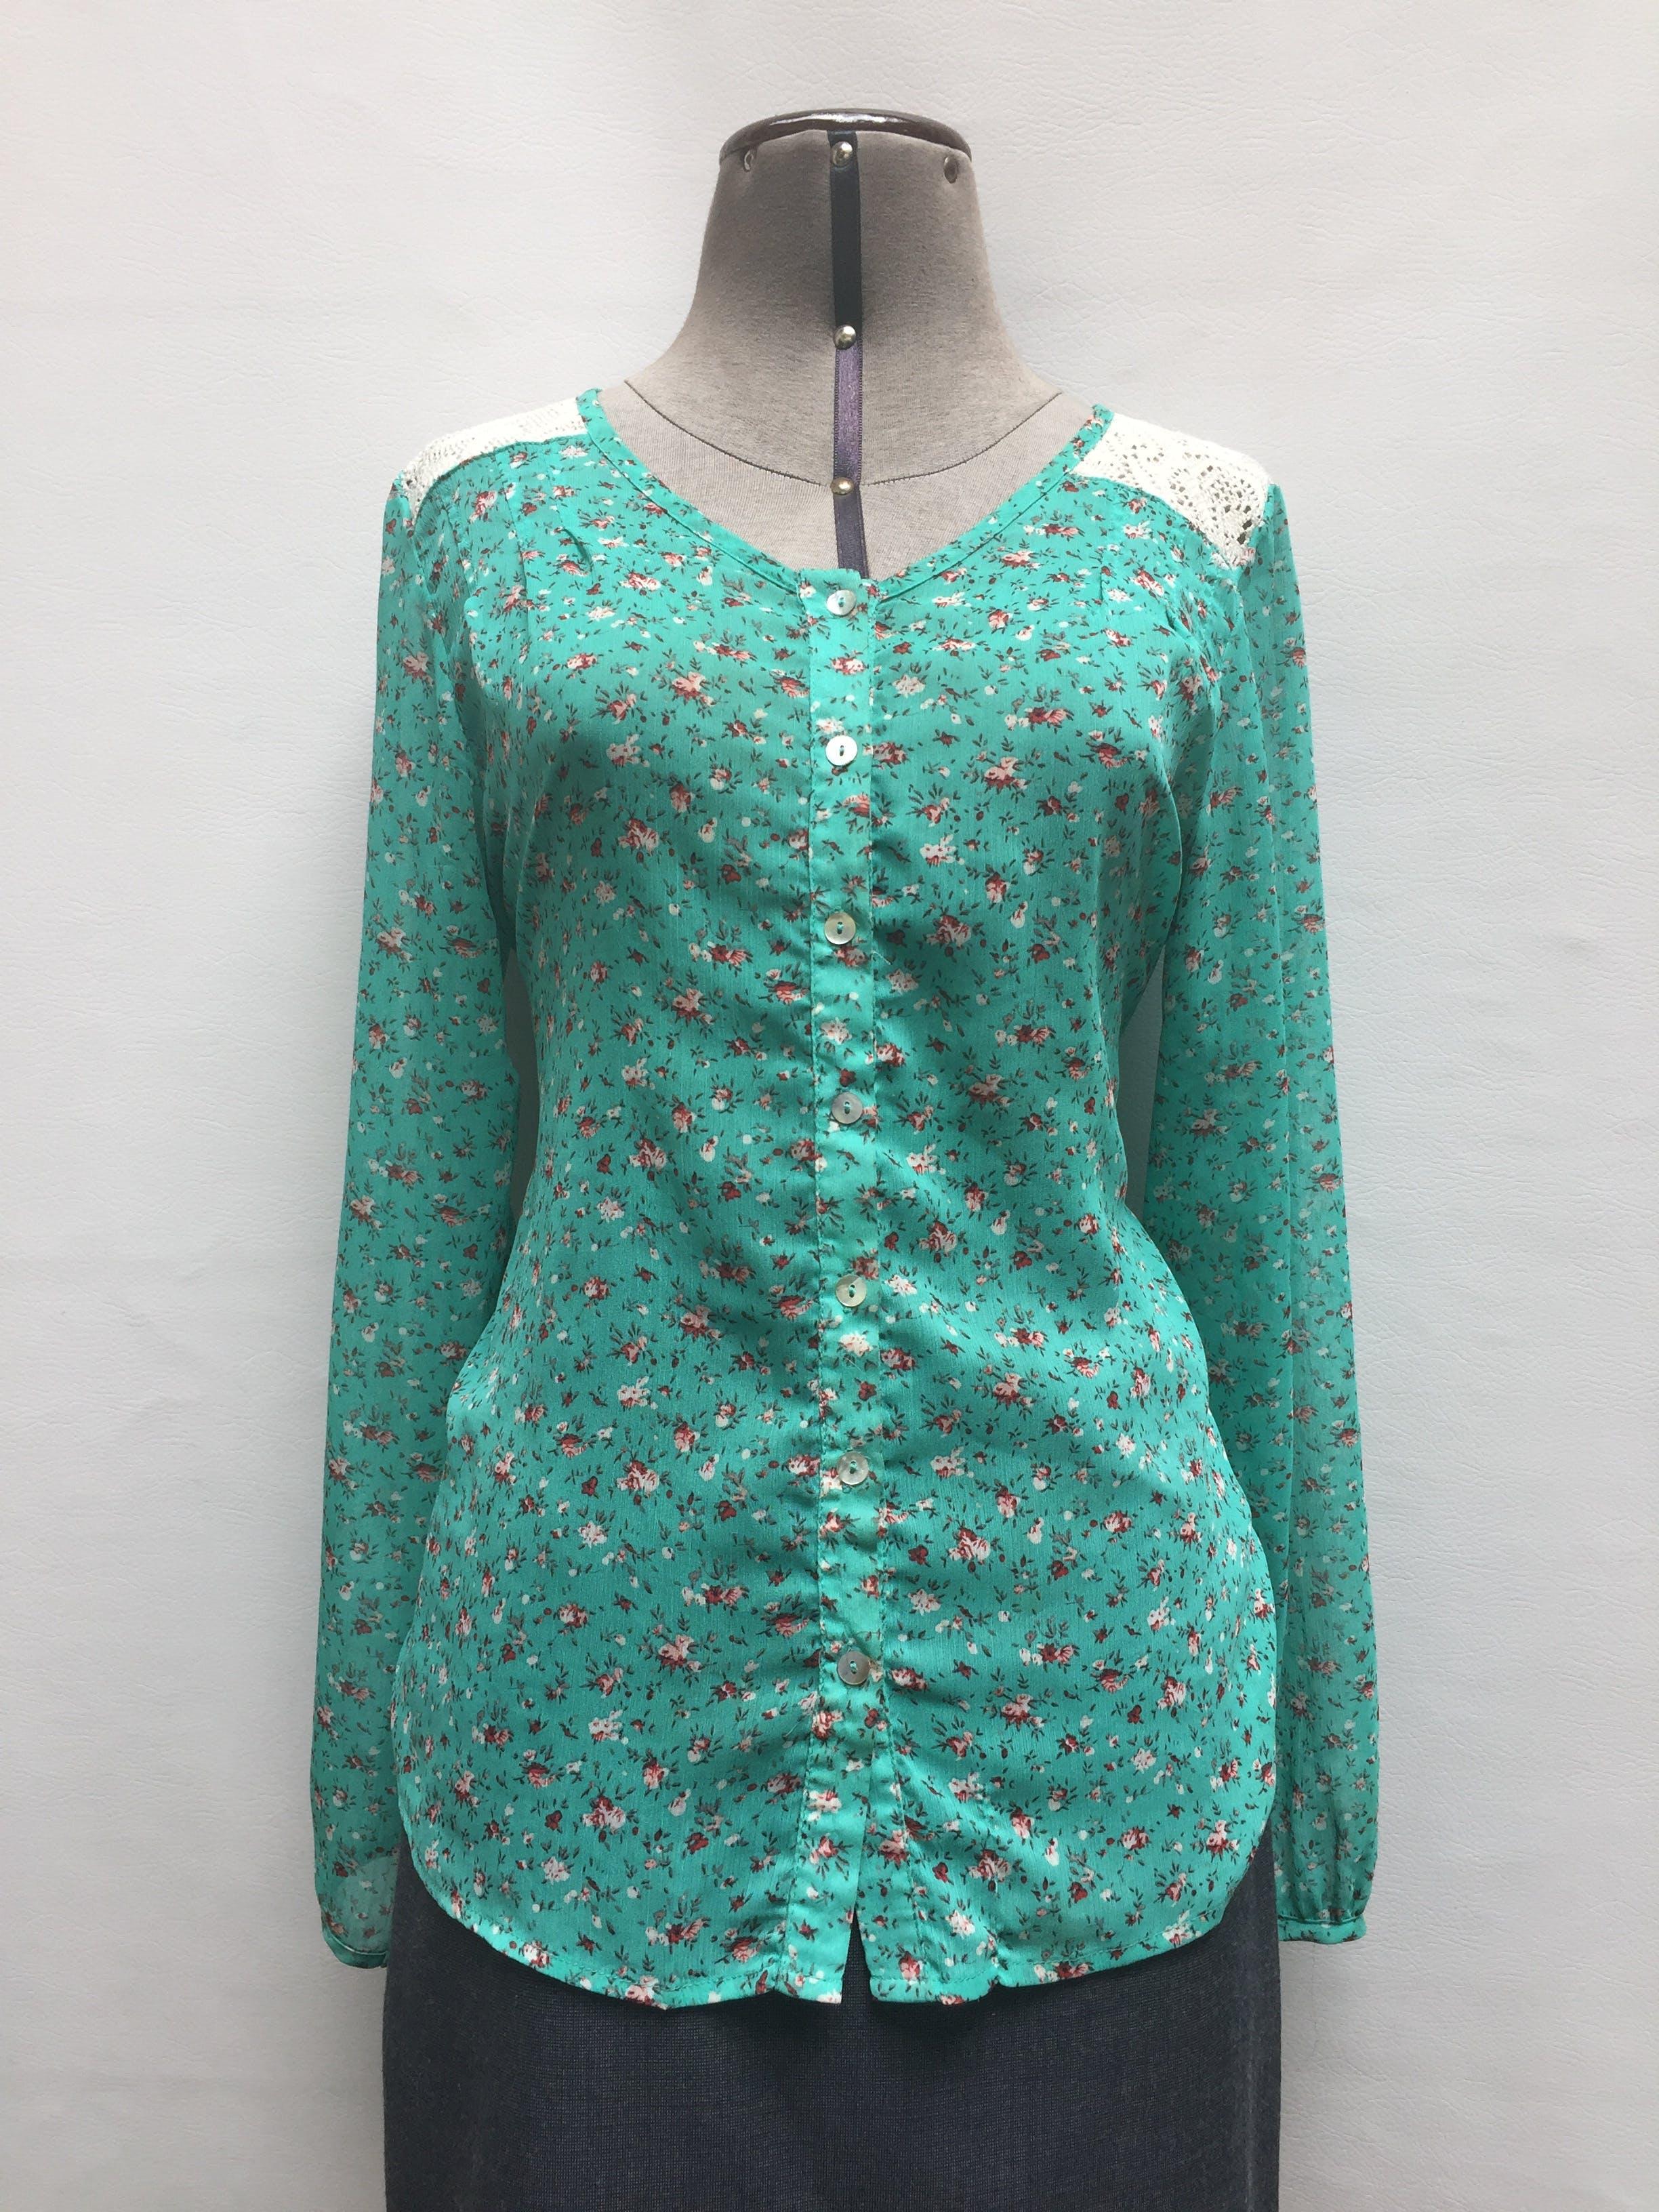 Blusa de gasa verde jade con estampado de flores, encaje canesú en los hombros, abotonada Talla S (puede ser M)